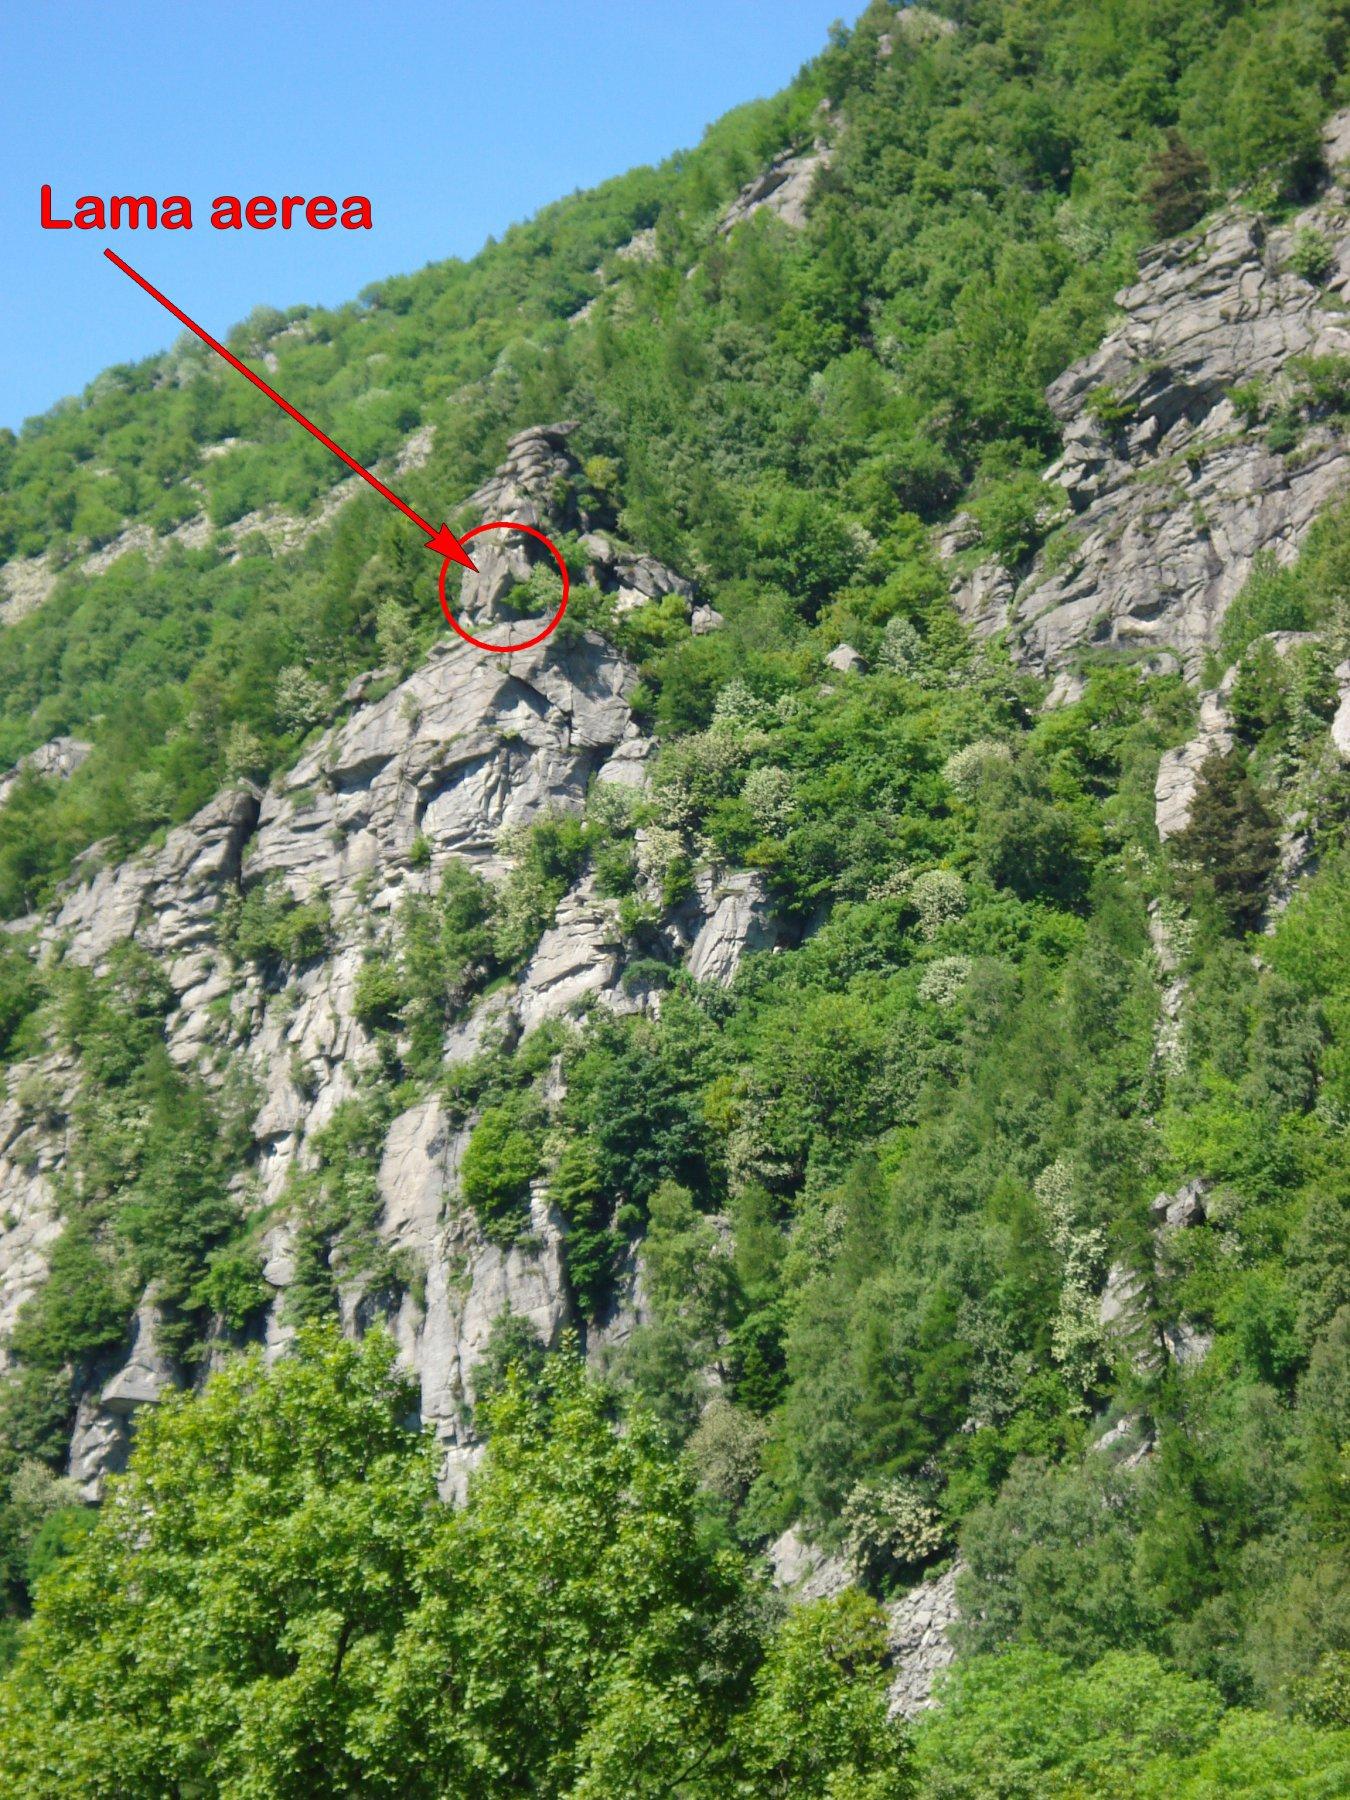 ..nella vista di insieme della piramide, la caratteristica lama aerea si trova lì..